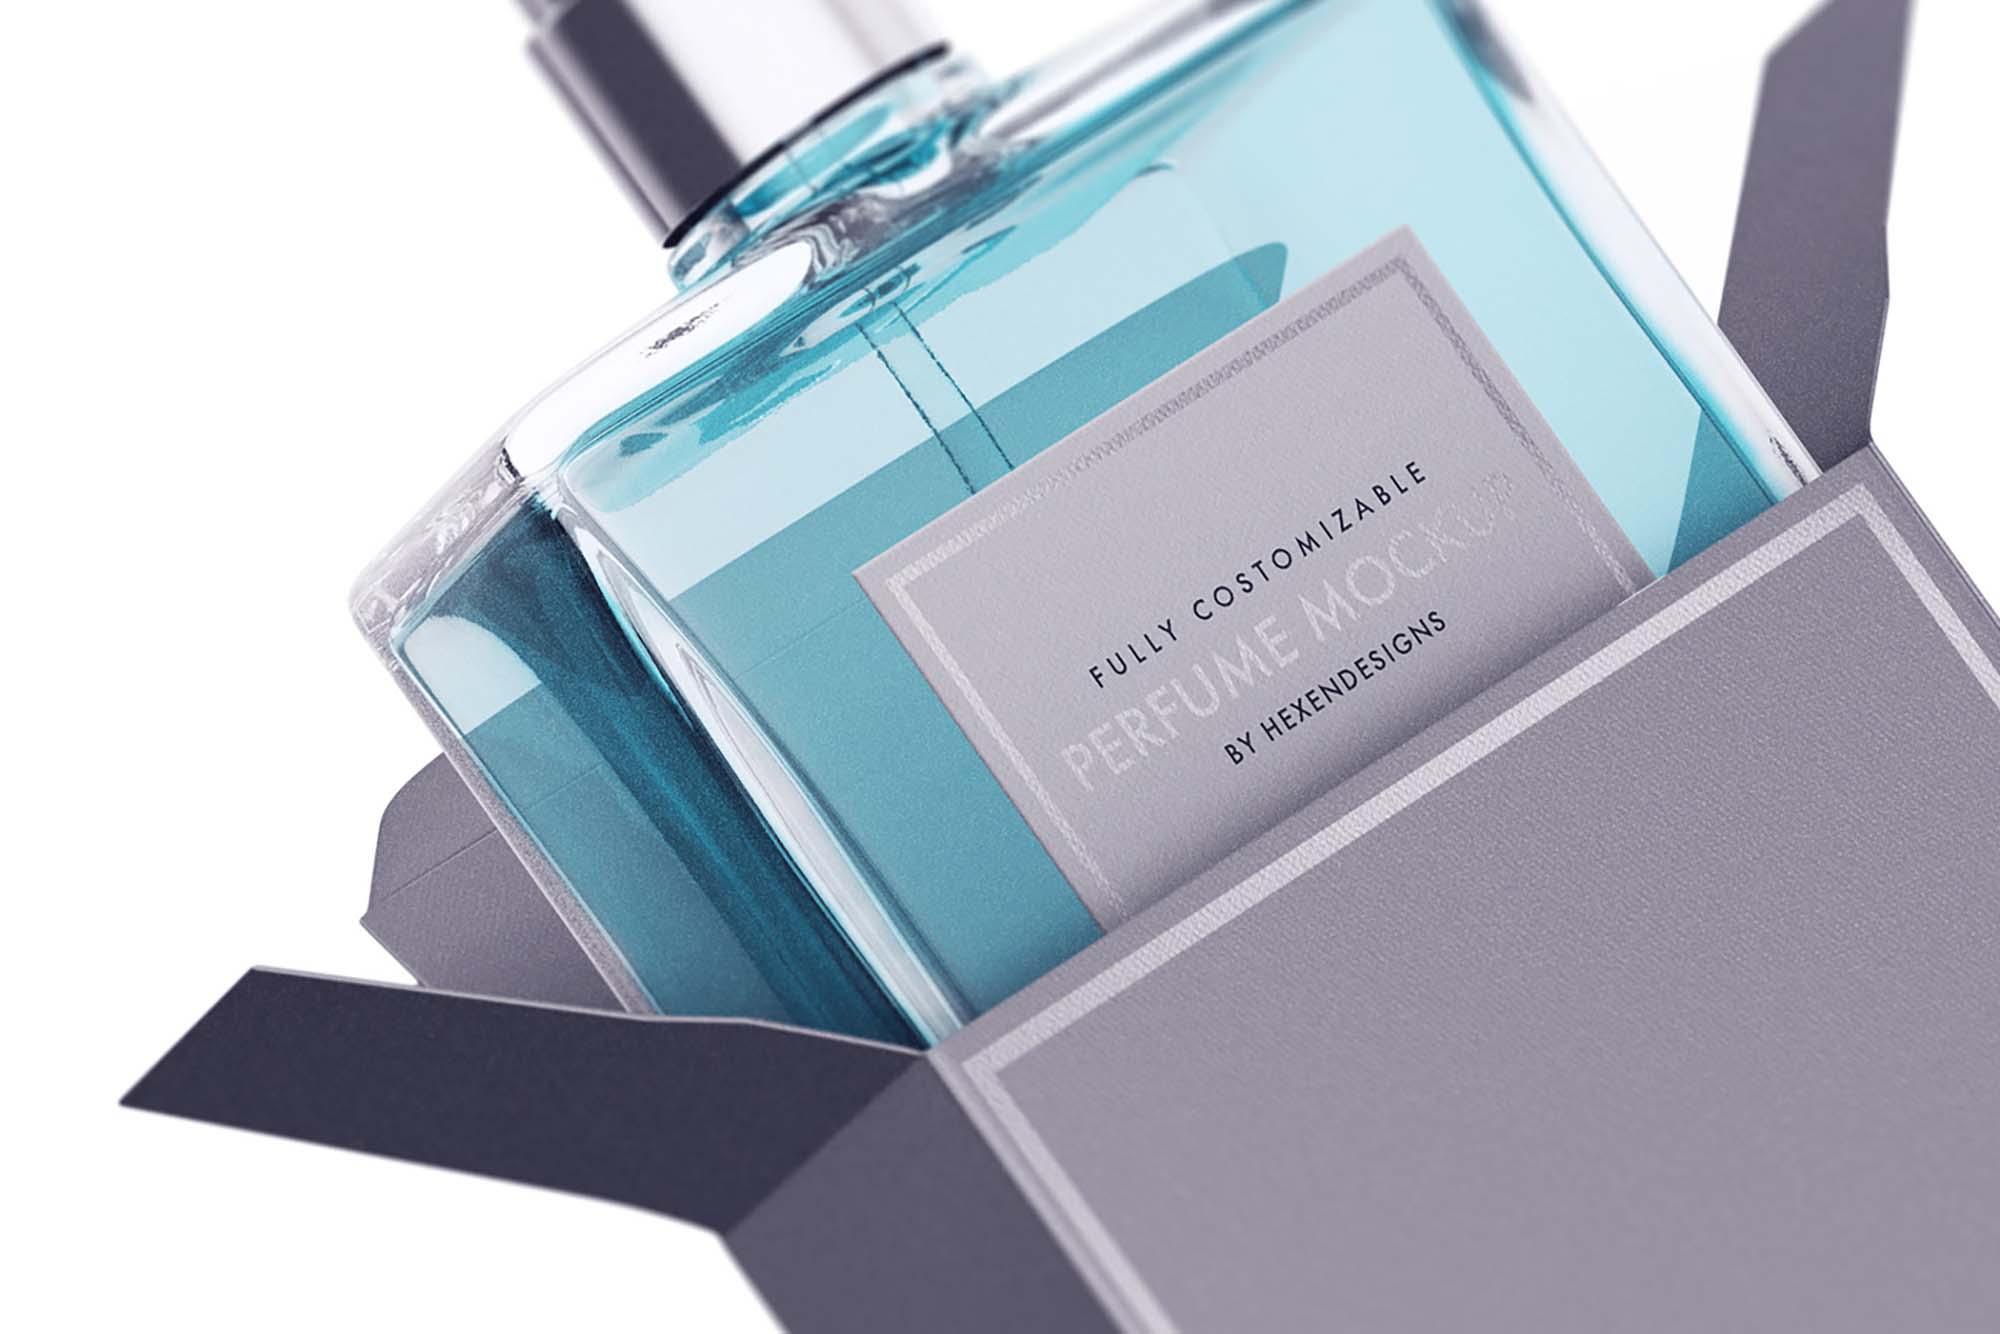 Perfume Package Mockup 1